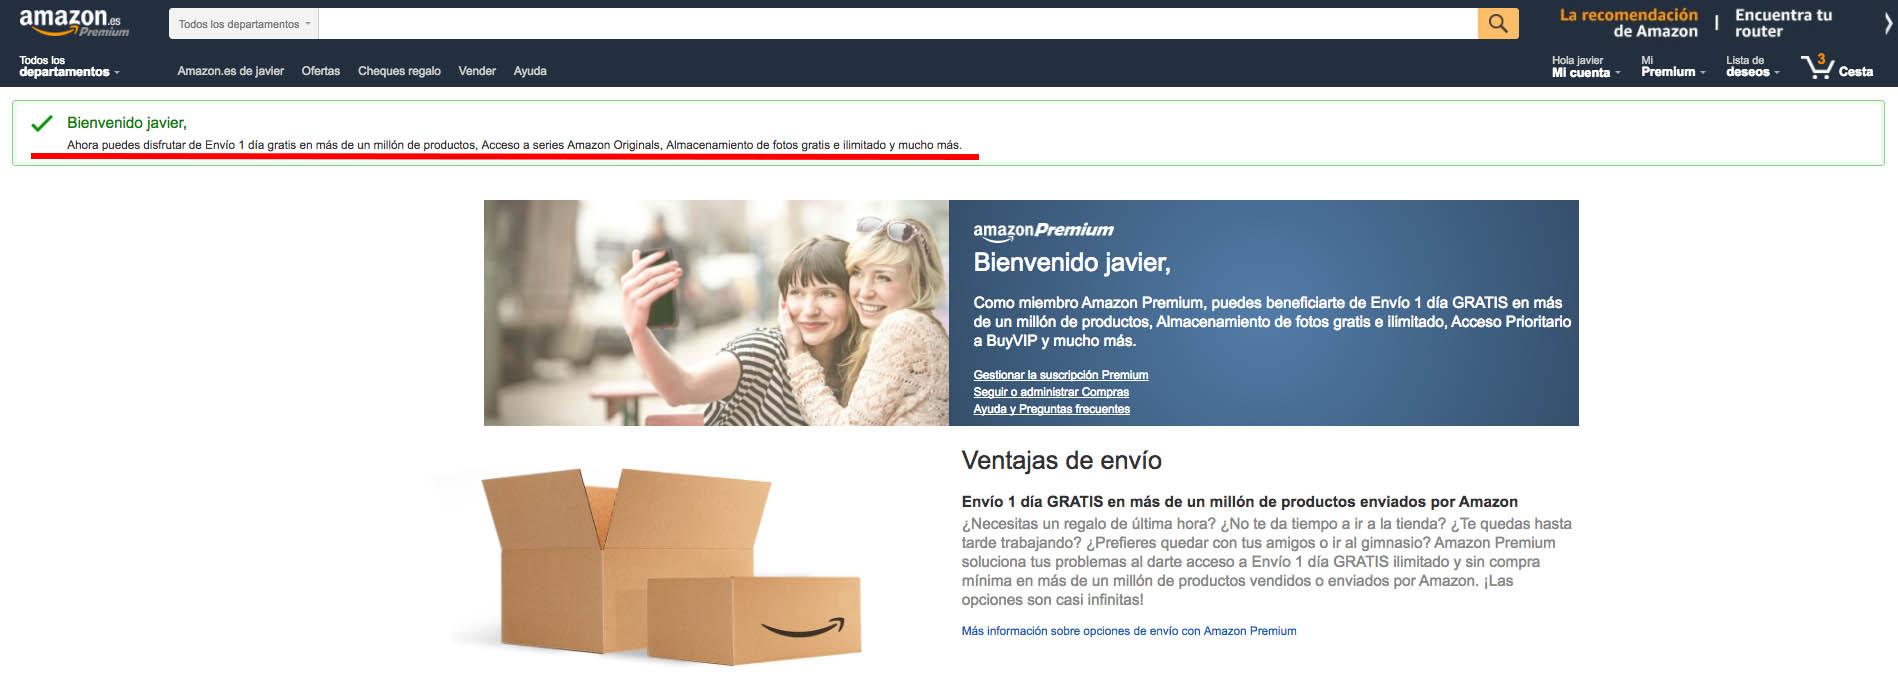 Cancelar Amazon Premiun